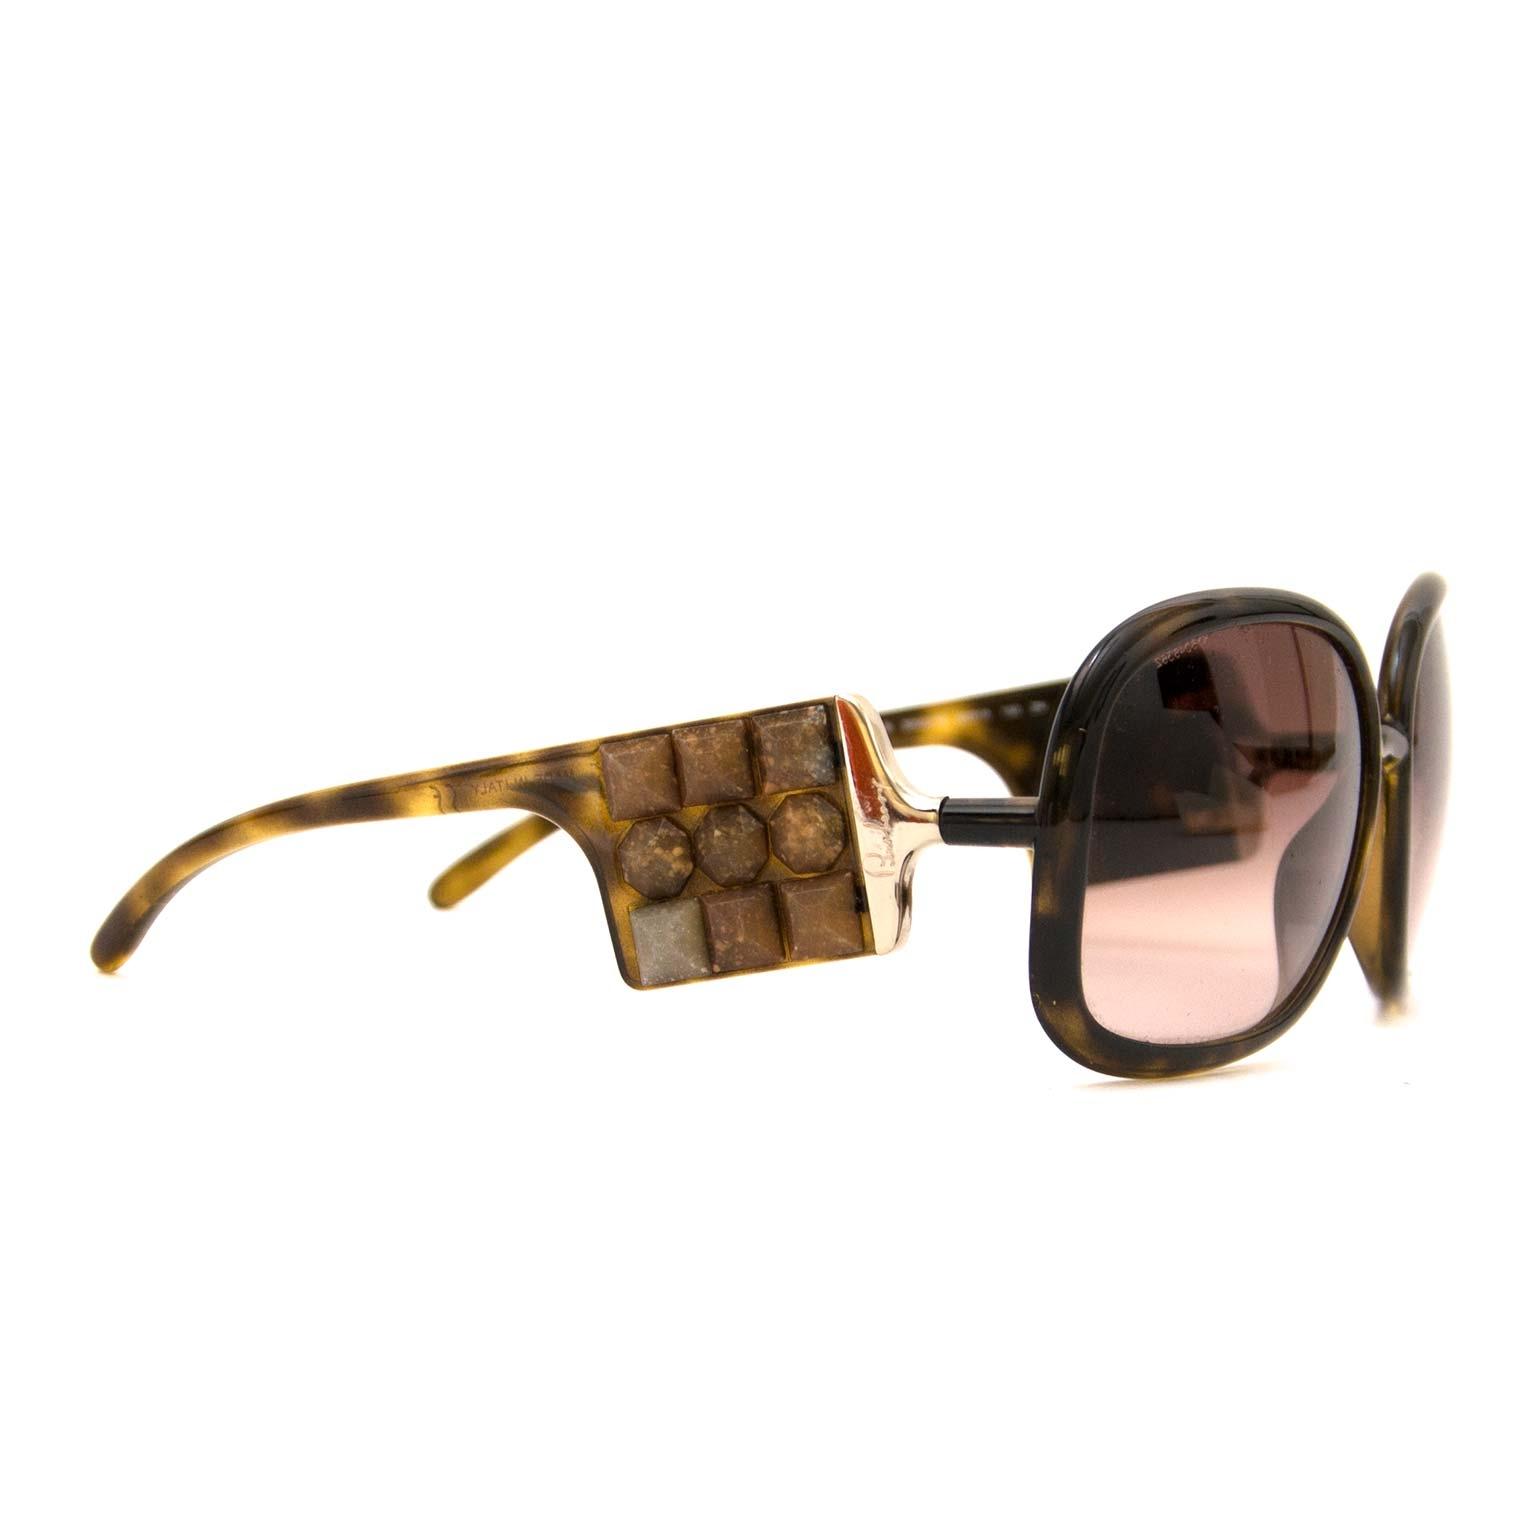 Koop en verkoop uw authentieke Burberry Brown Tortoise Sunglasses aan de beste prijs